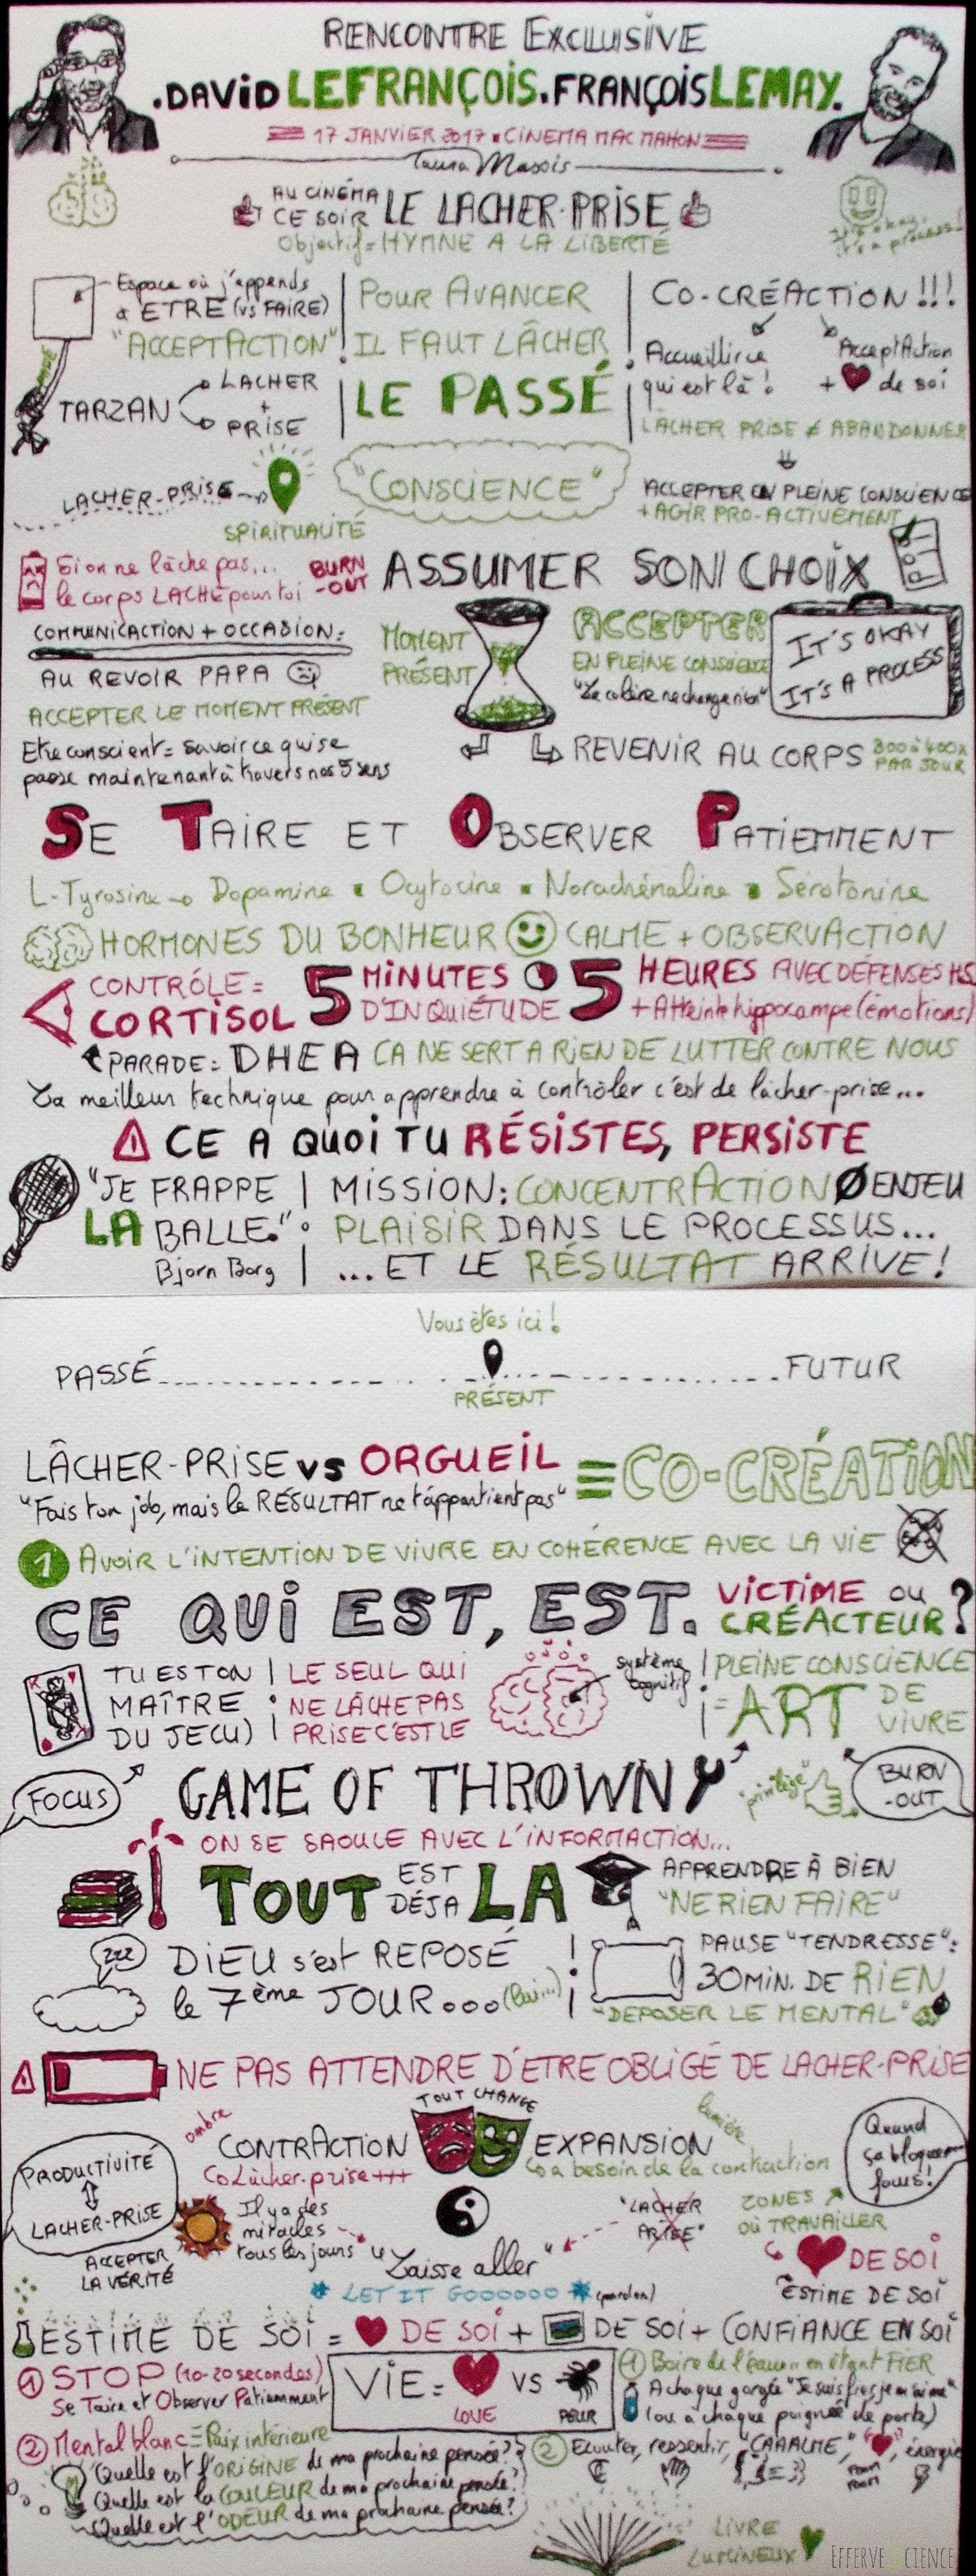 Rencontre Exclusive avec David Lefrançois et François Lemay